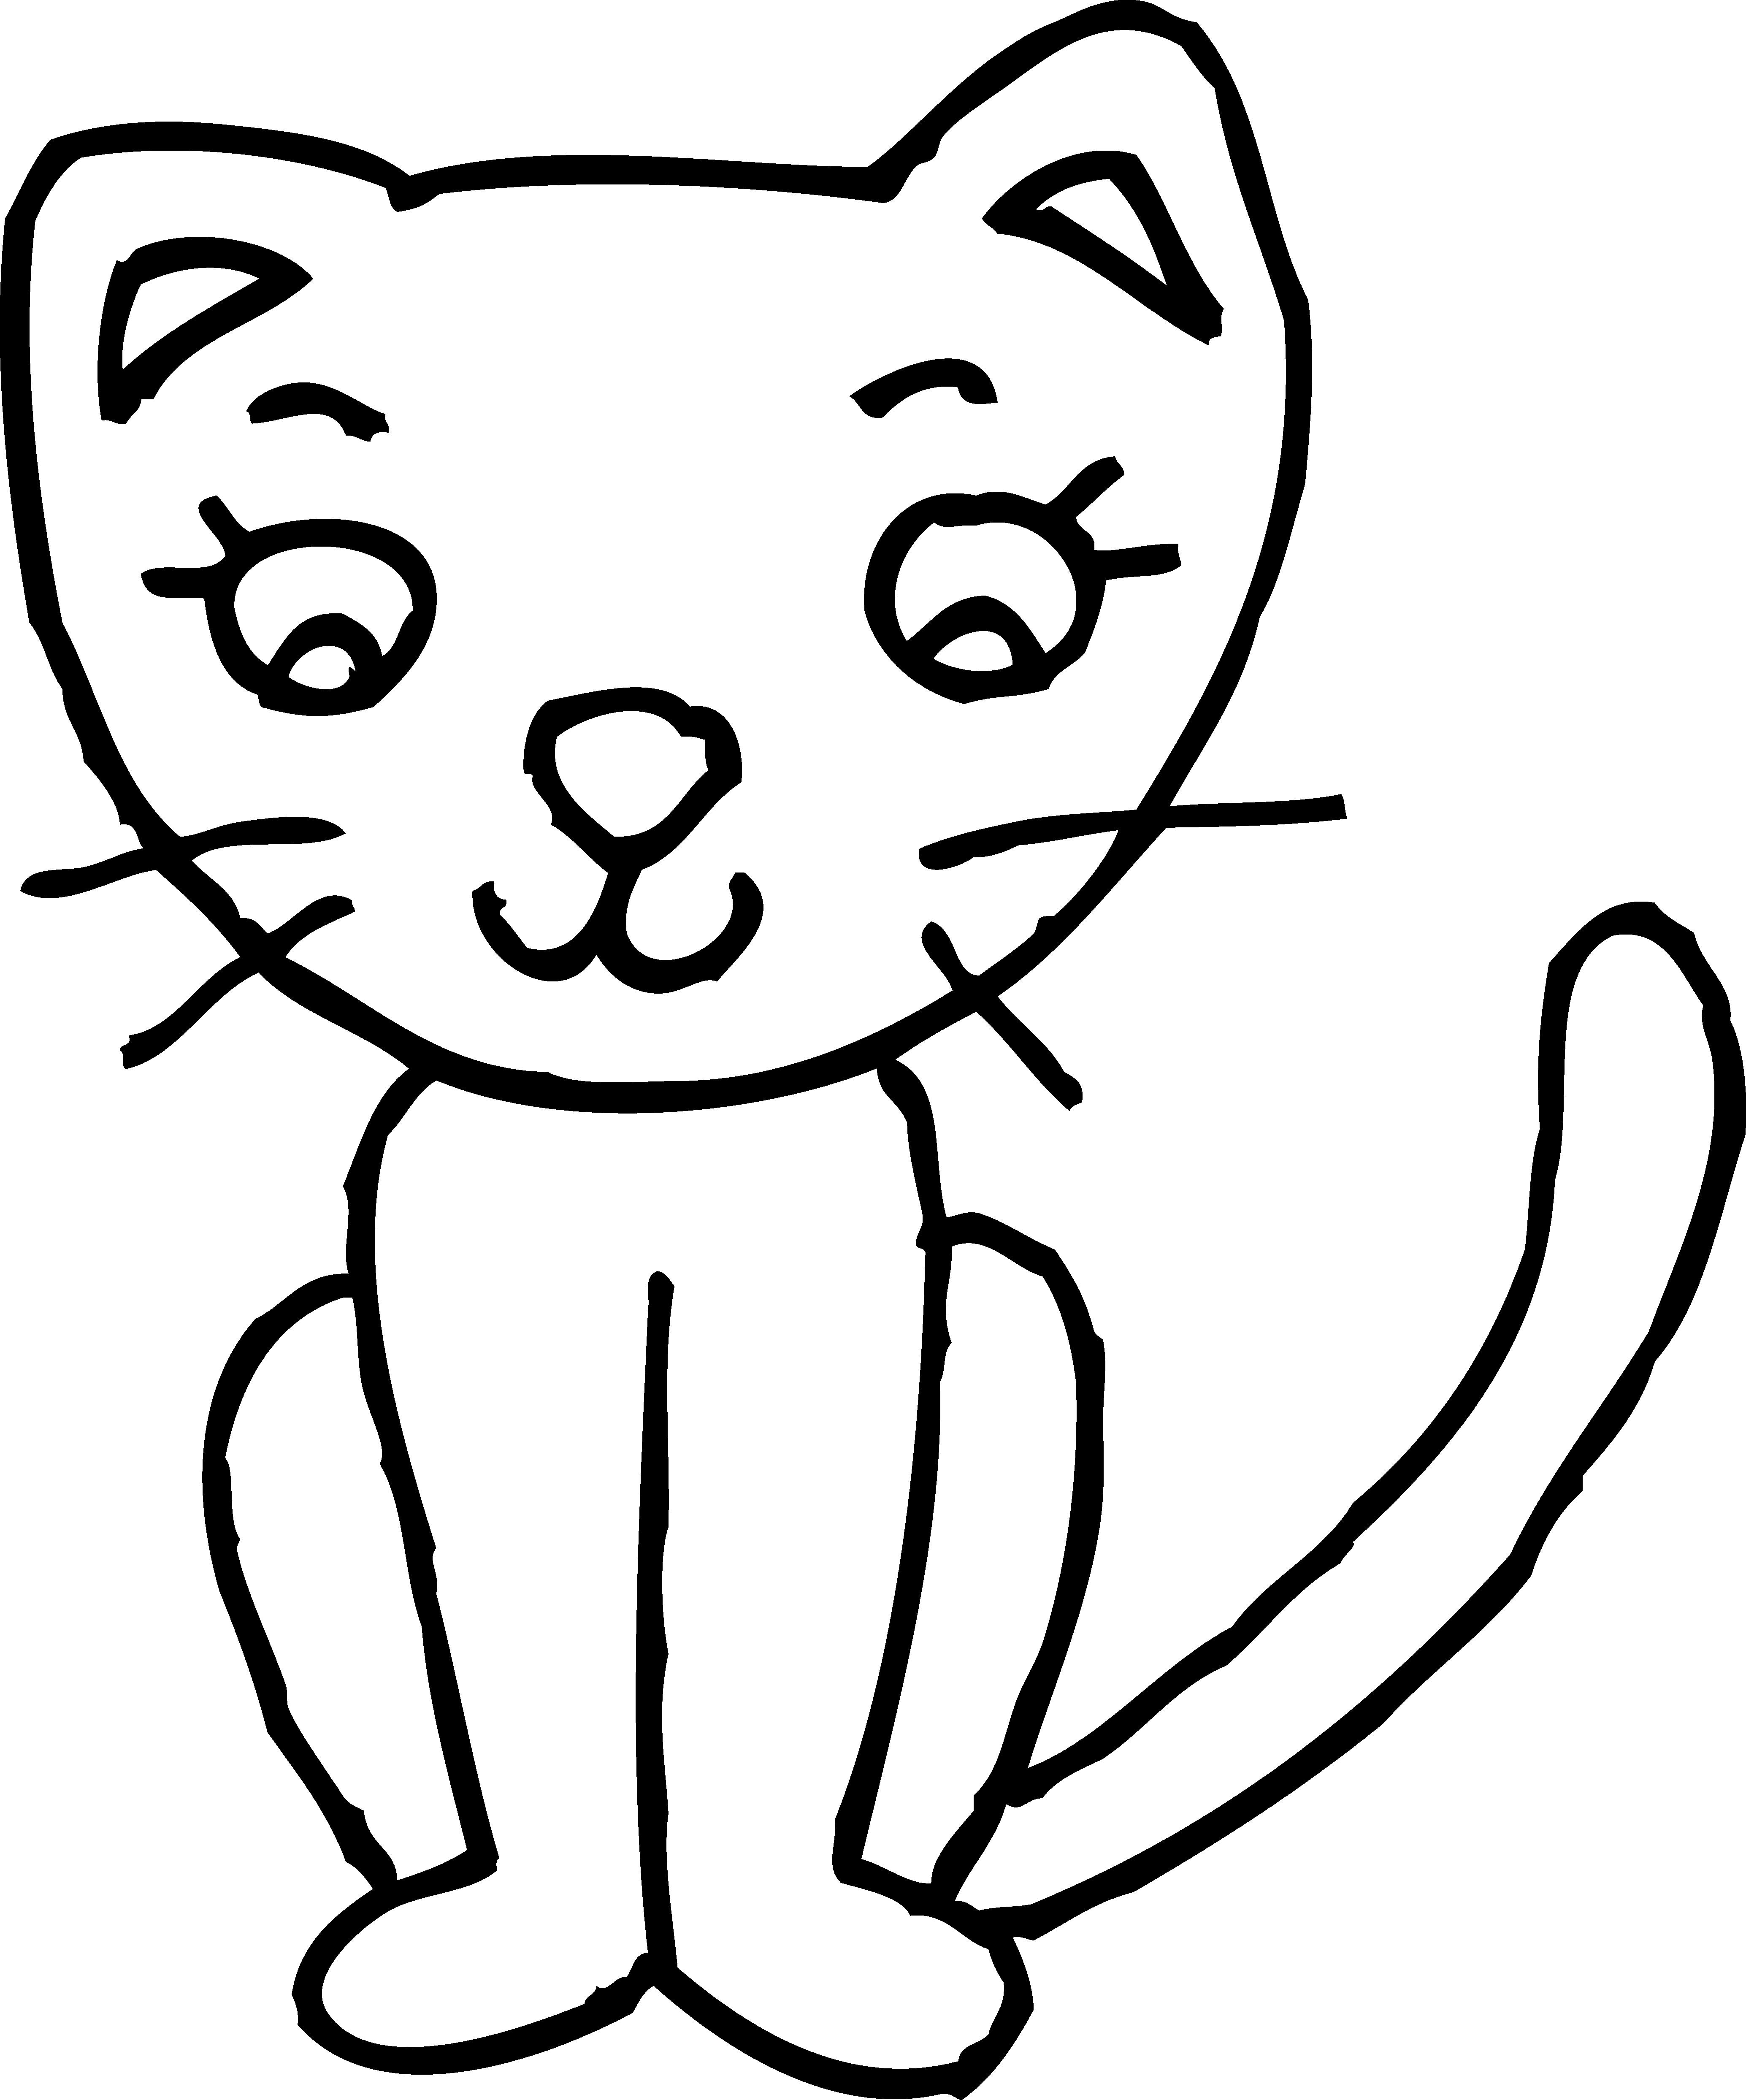 4137x4975 Sketch Clipart Cute Cat